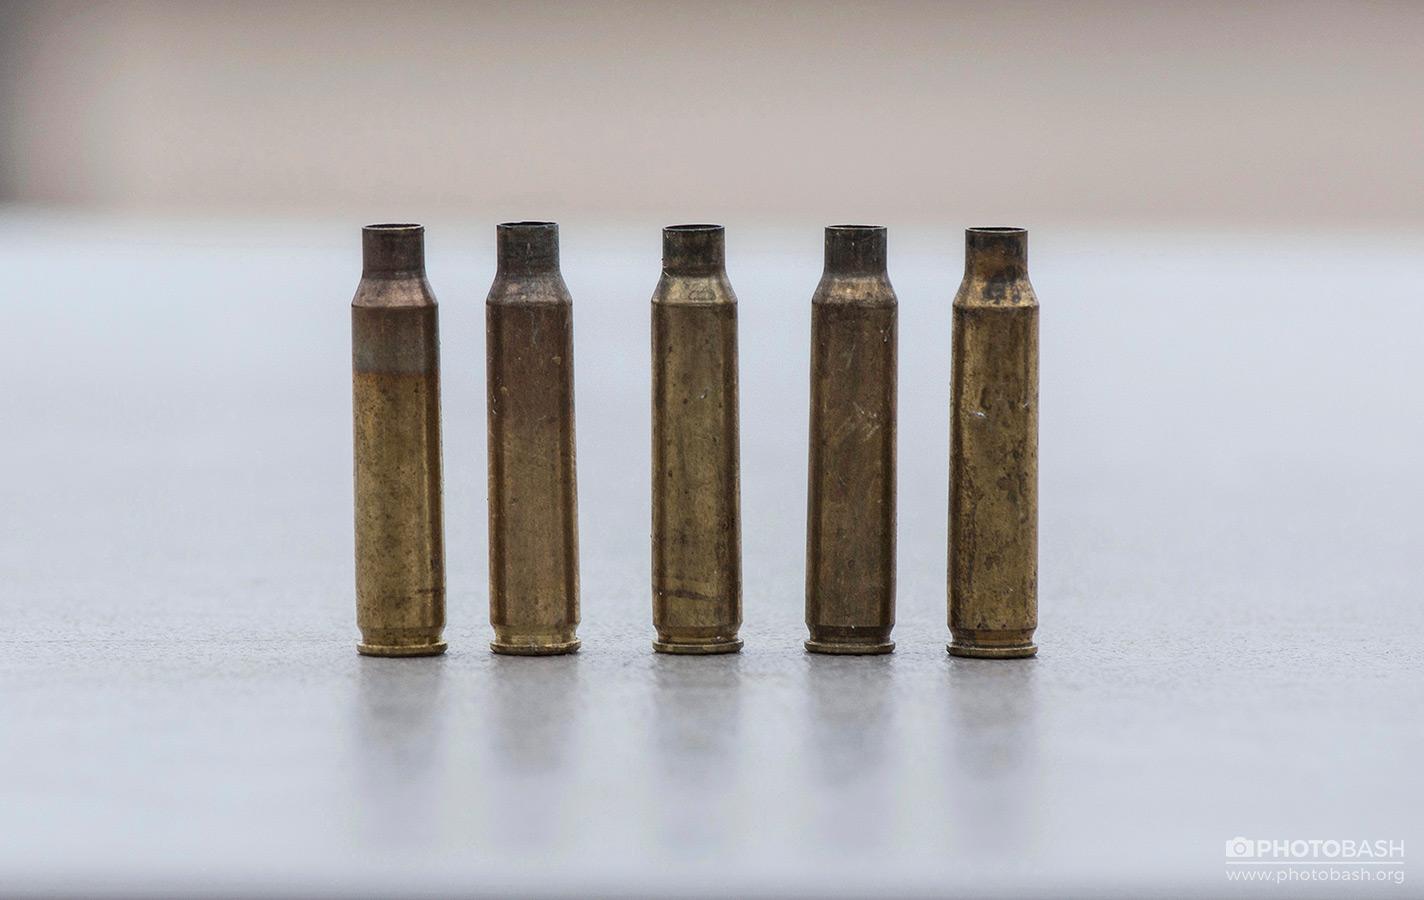 Bullets-Firearms-Rifle-Shells.jpg